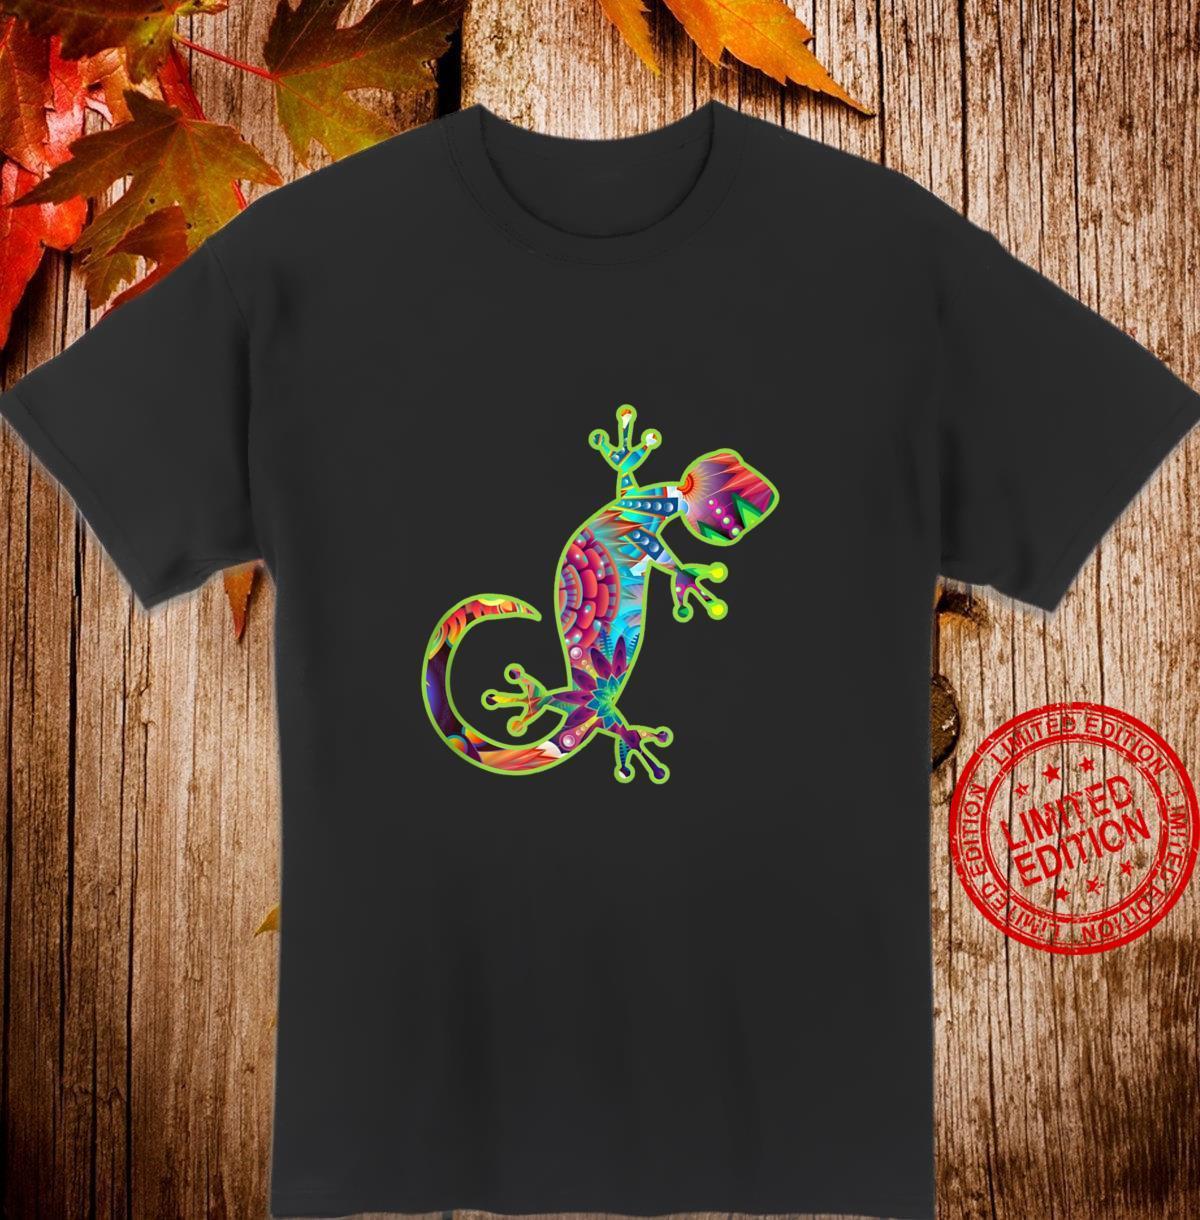 Gecko Lizard Shirt Pattern Lizard Cute Climbing Gecko Shirt